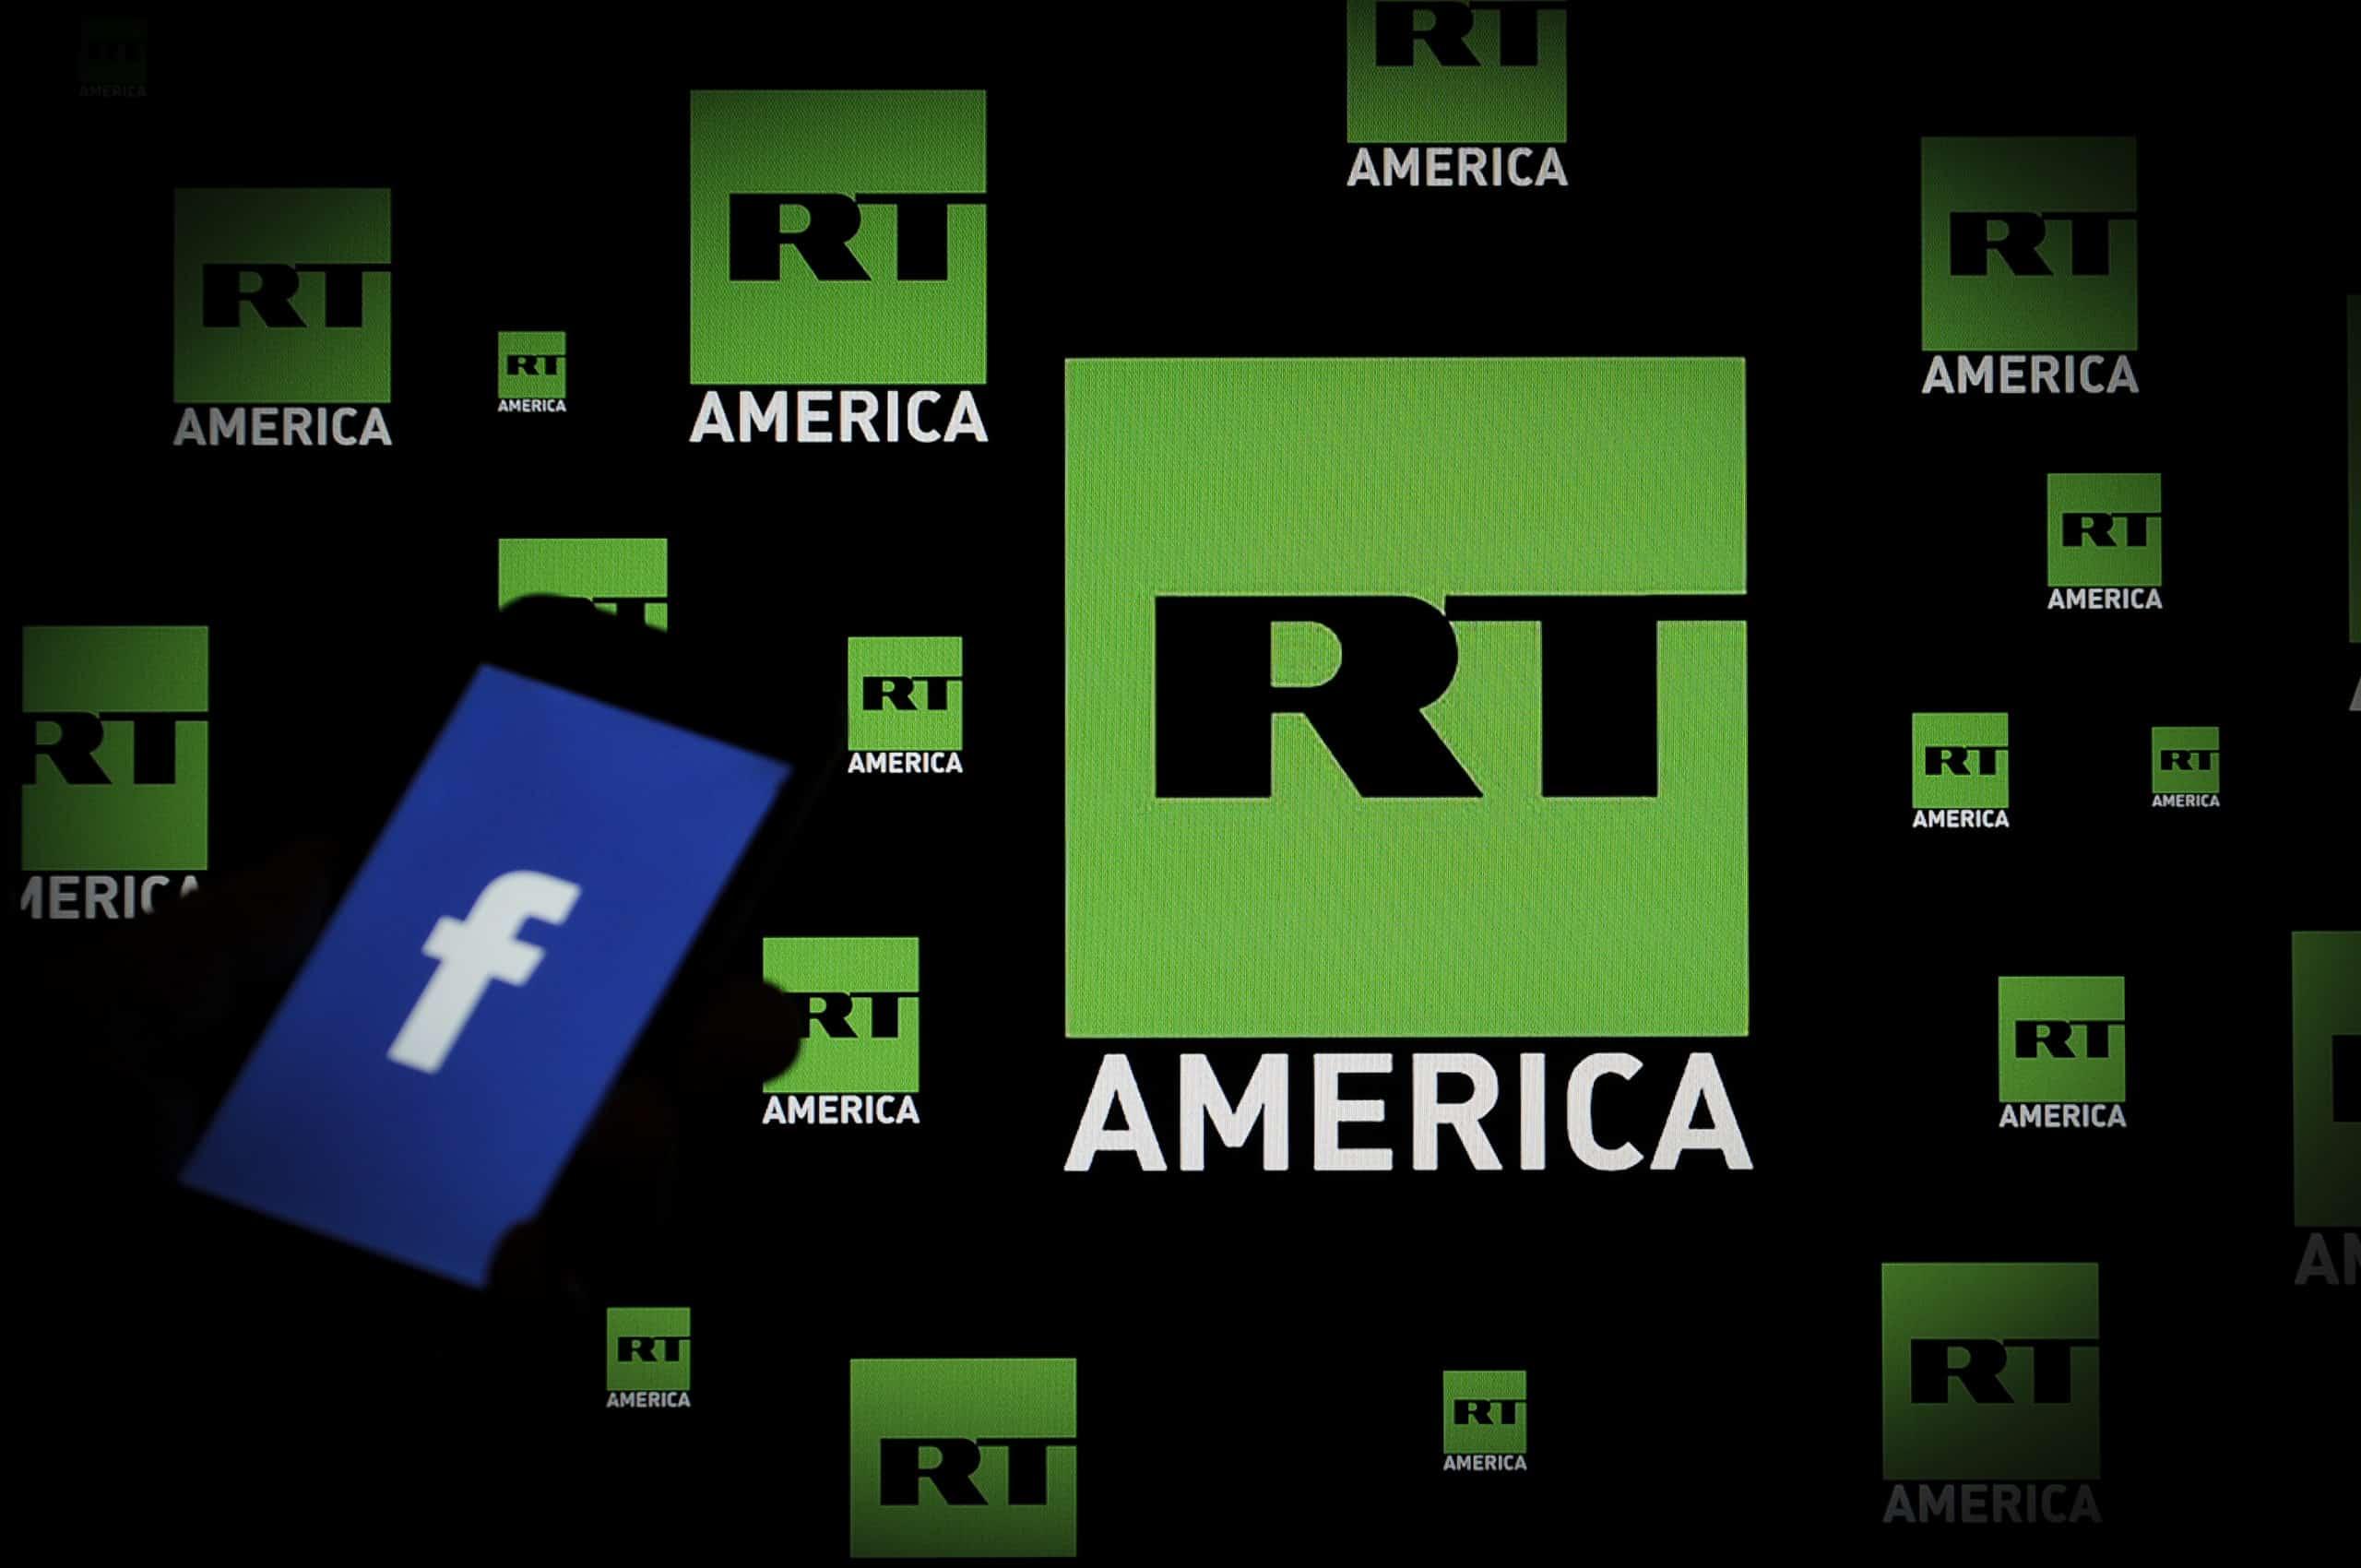 حظر إعلانات روسيا اليوم وسبوتنيك و CCTV قريبا على فيس بوك